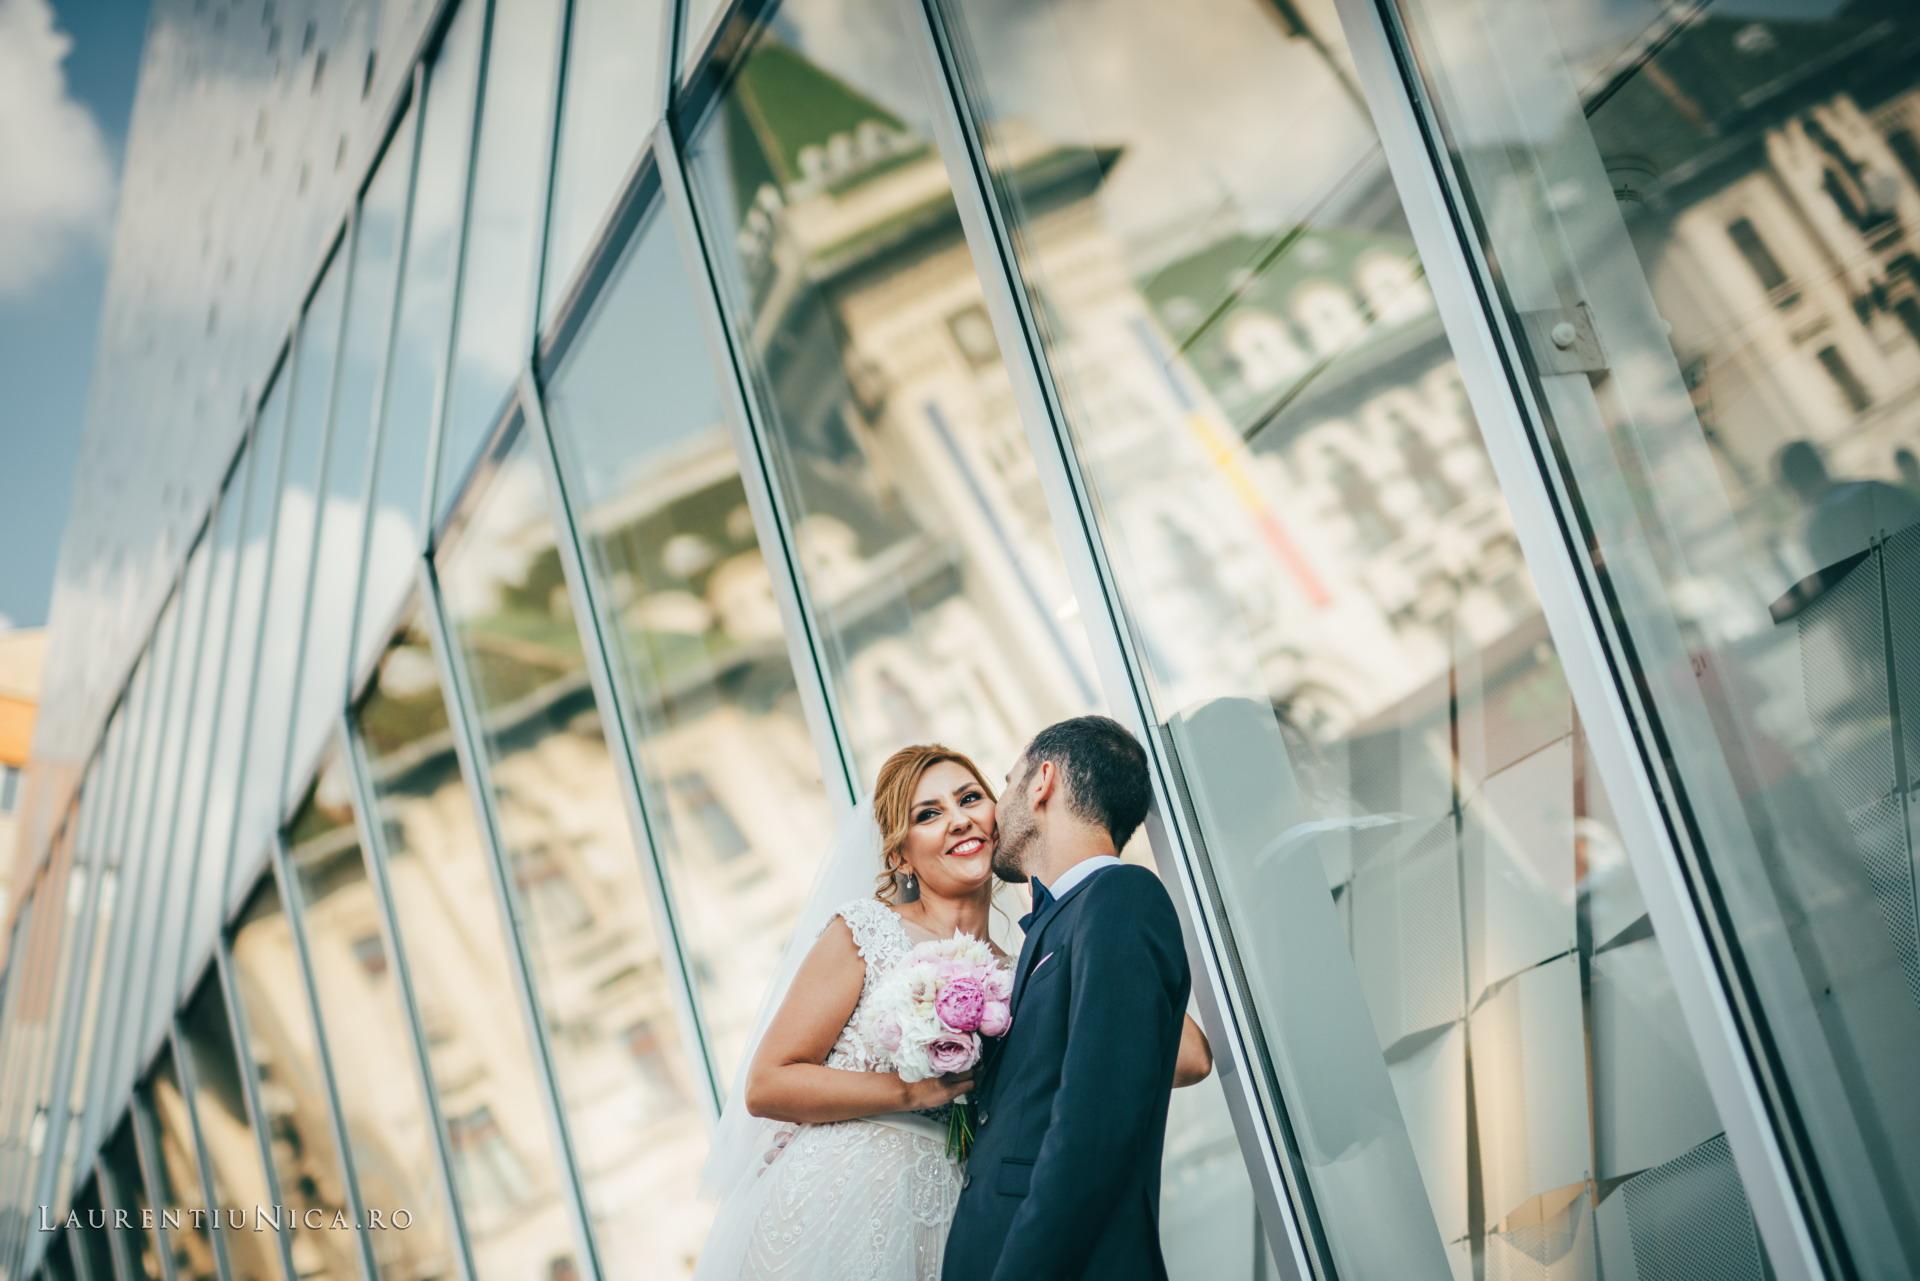 carolina si sorin craiova fotograf nunta laurentiu nica37 - Carolina & Sorin | Fotografii nunta